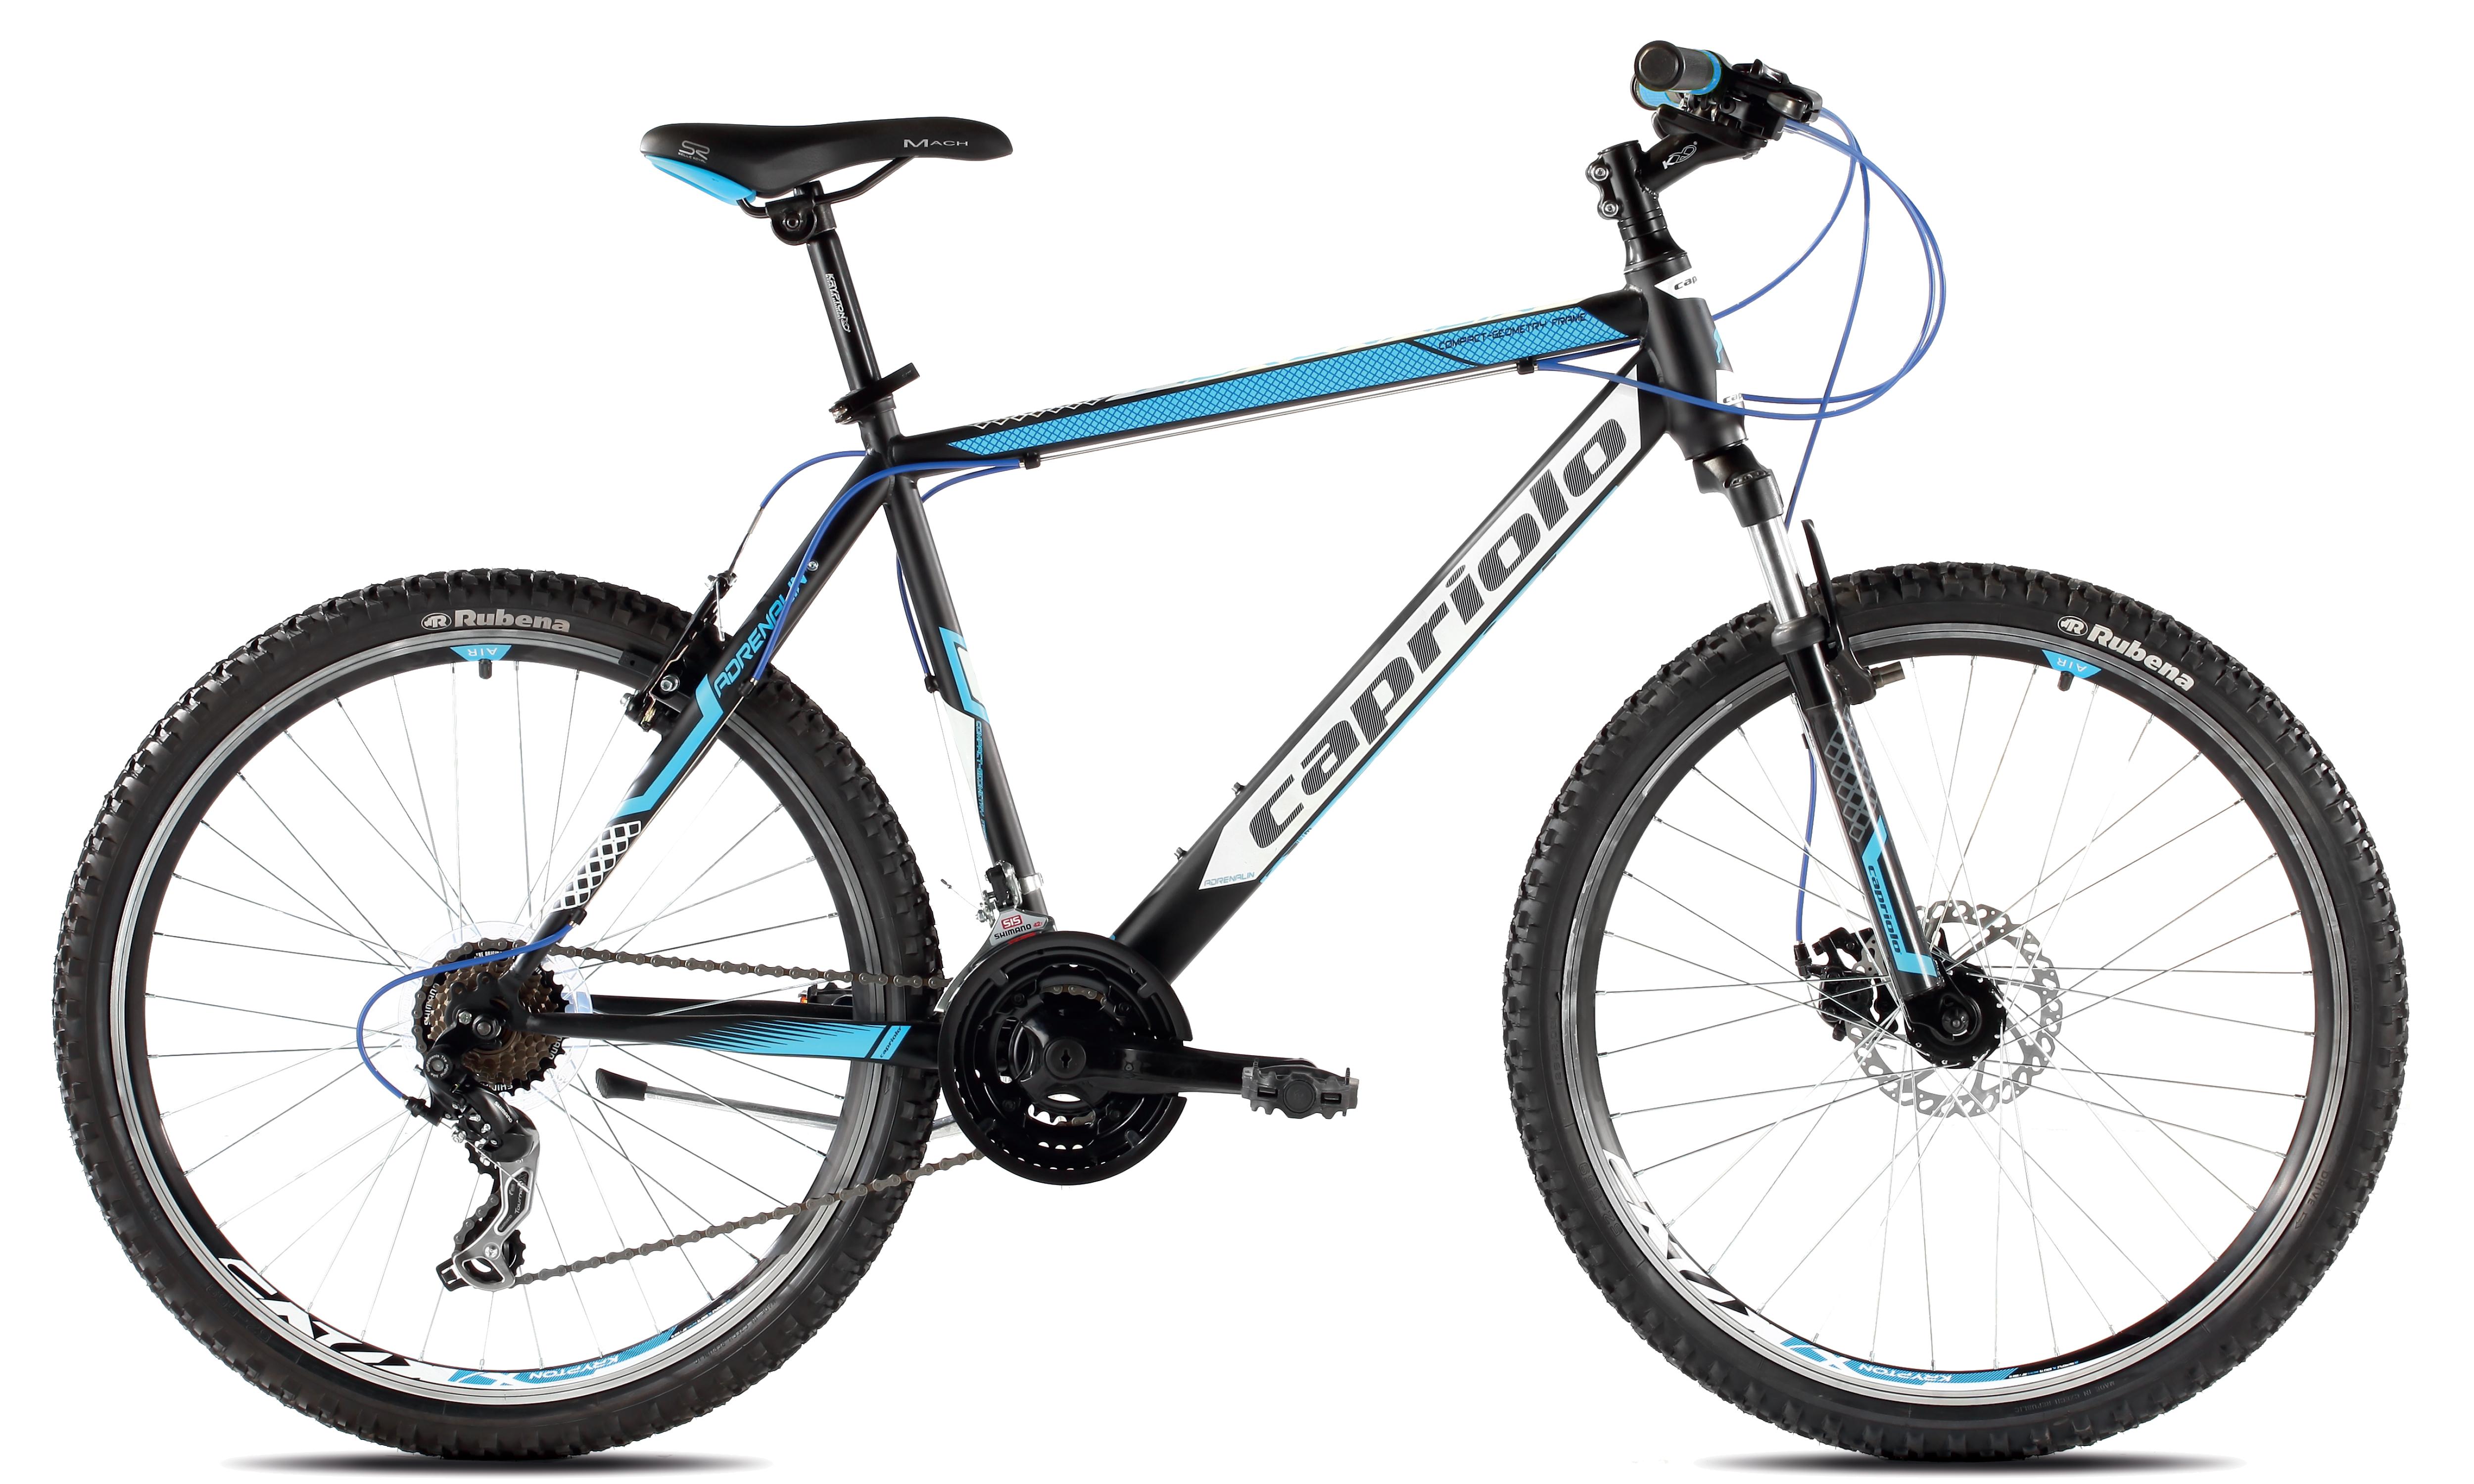 bicikl-capriolo-adrenalin-26-plavo-crna-2016-22